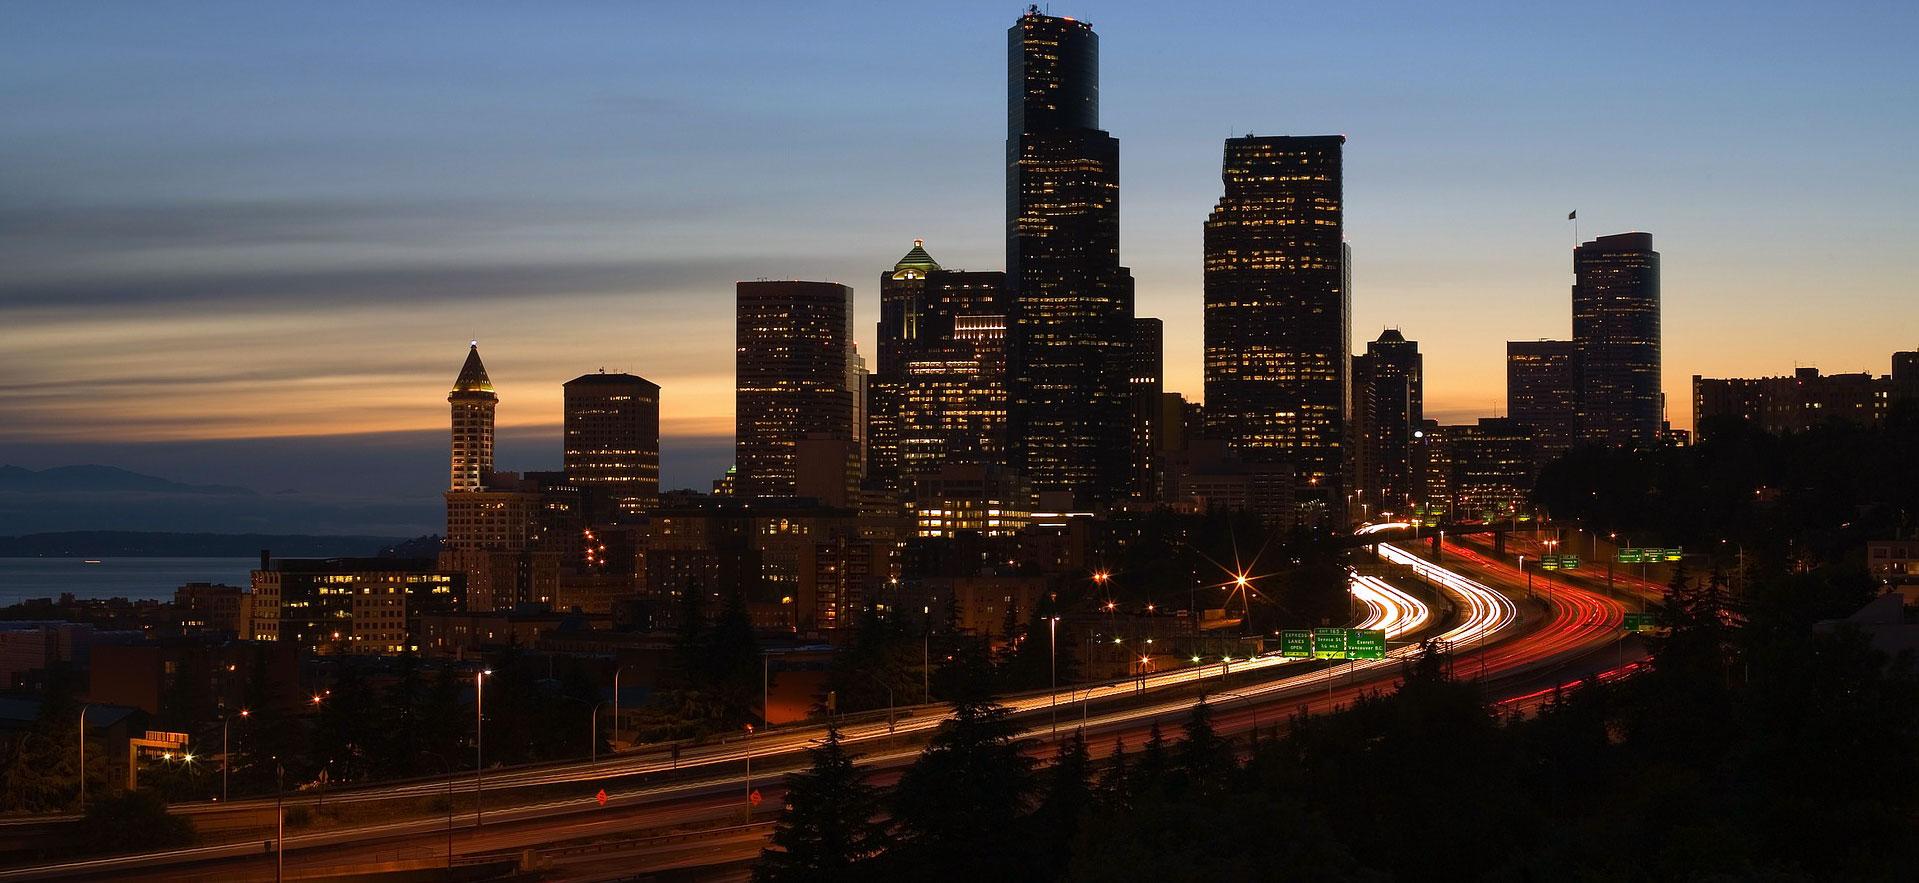 Seattle Skyline - I5